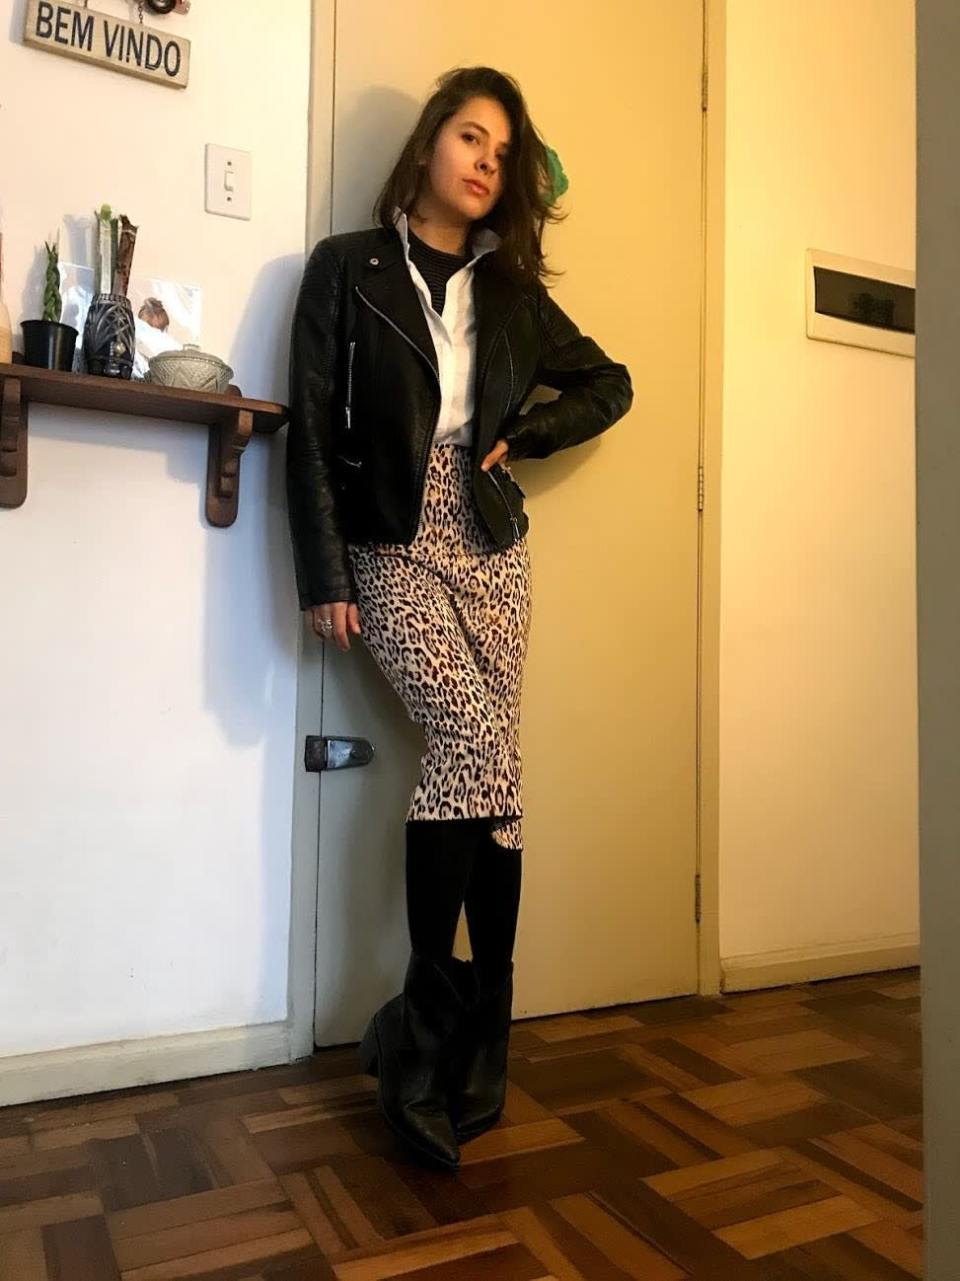 Marcie posa em frente a uma porta bege. O look é composto por camisa de gola alta listrada, usada por baixo da camisa branca, jaqueta de couro preta, saia lápis animal print, meia preta e bota preta.